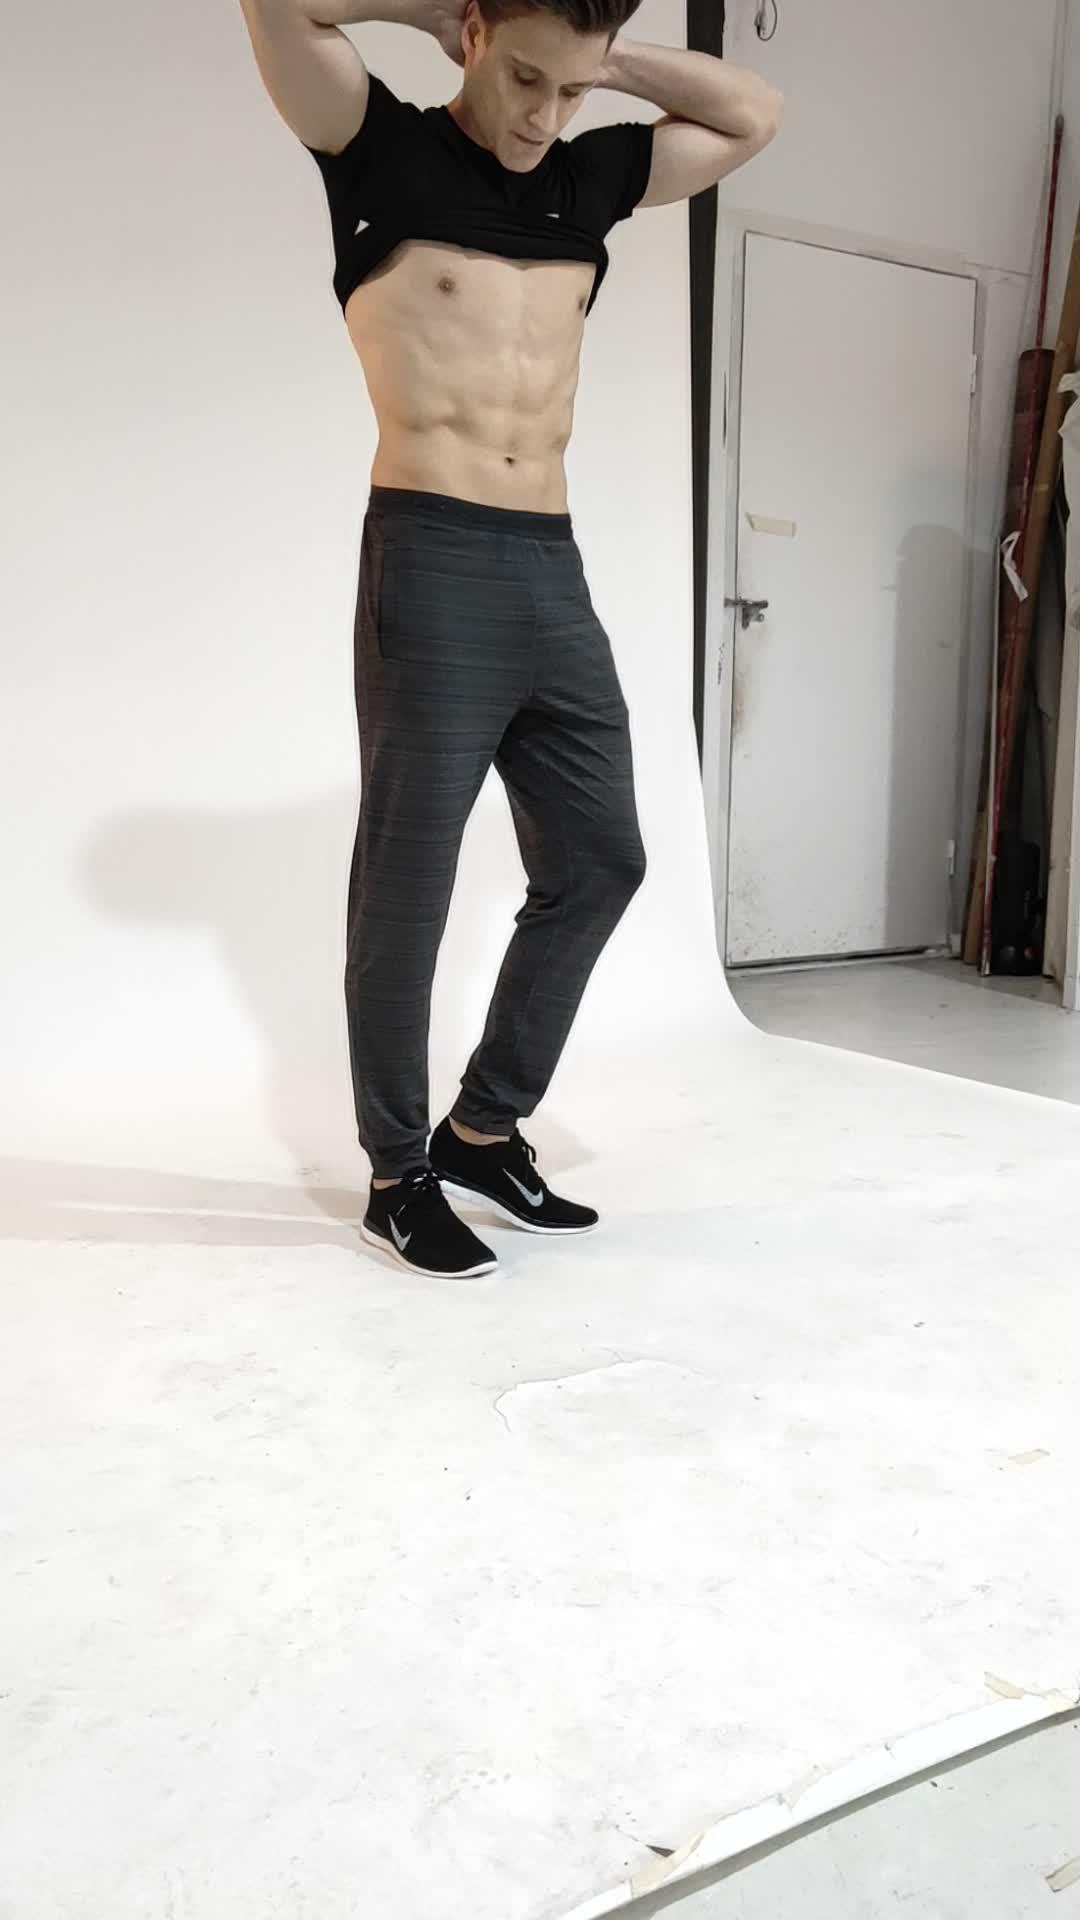 LIEXING produttore jogging uomo quick dry sport usura di usura in esecuzione pantaloni di formazione vicino pantaloni della tuta gamba